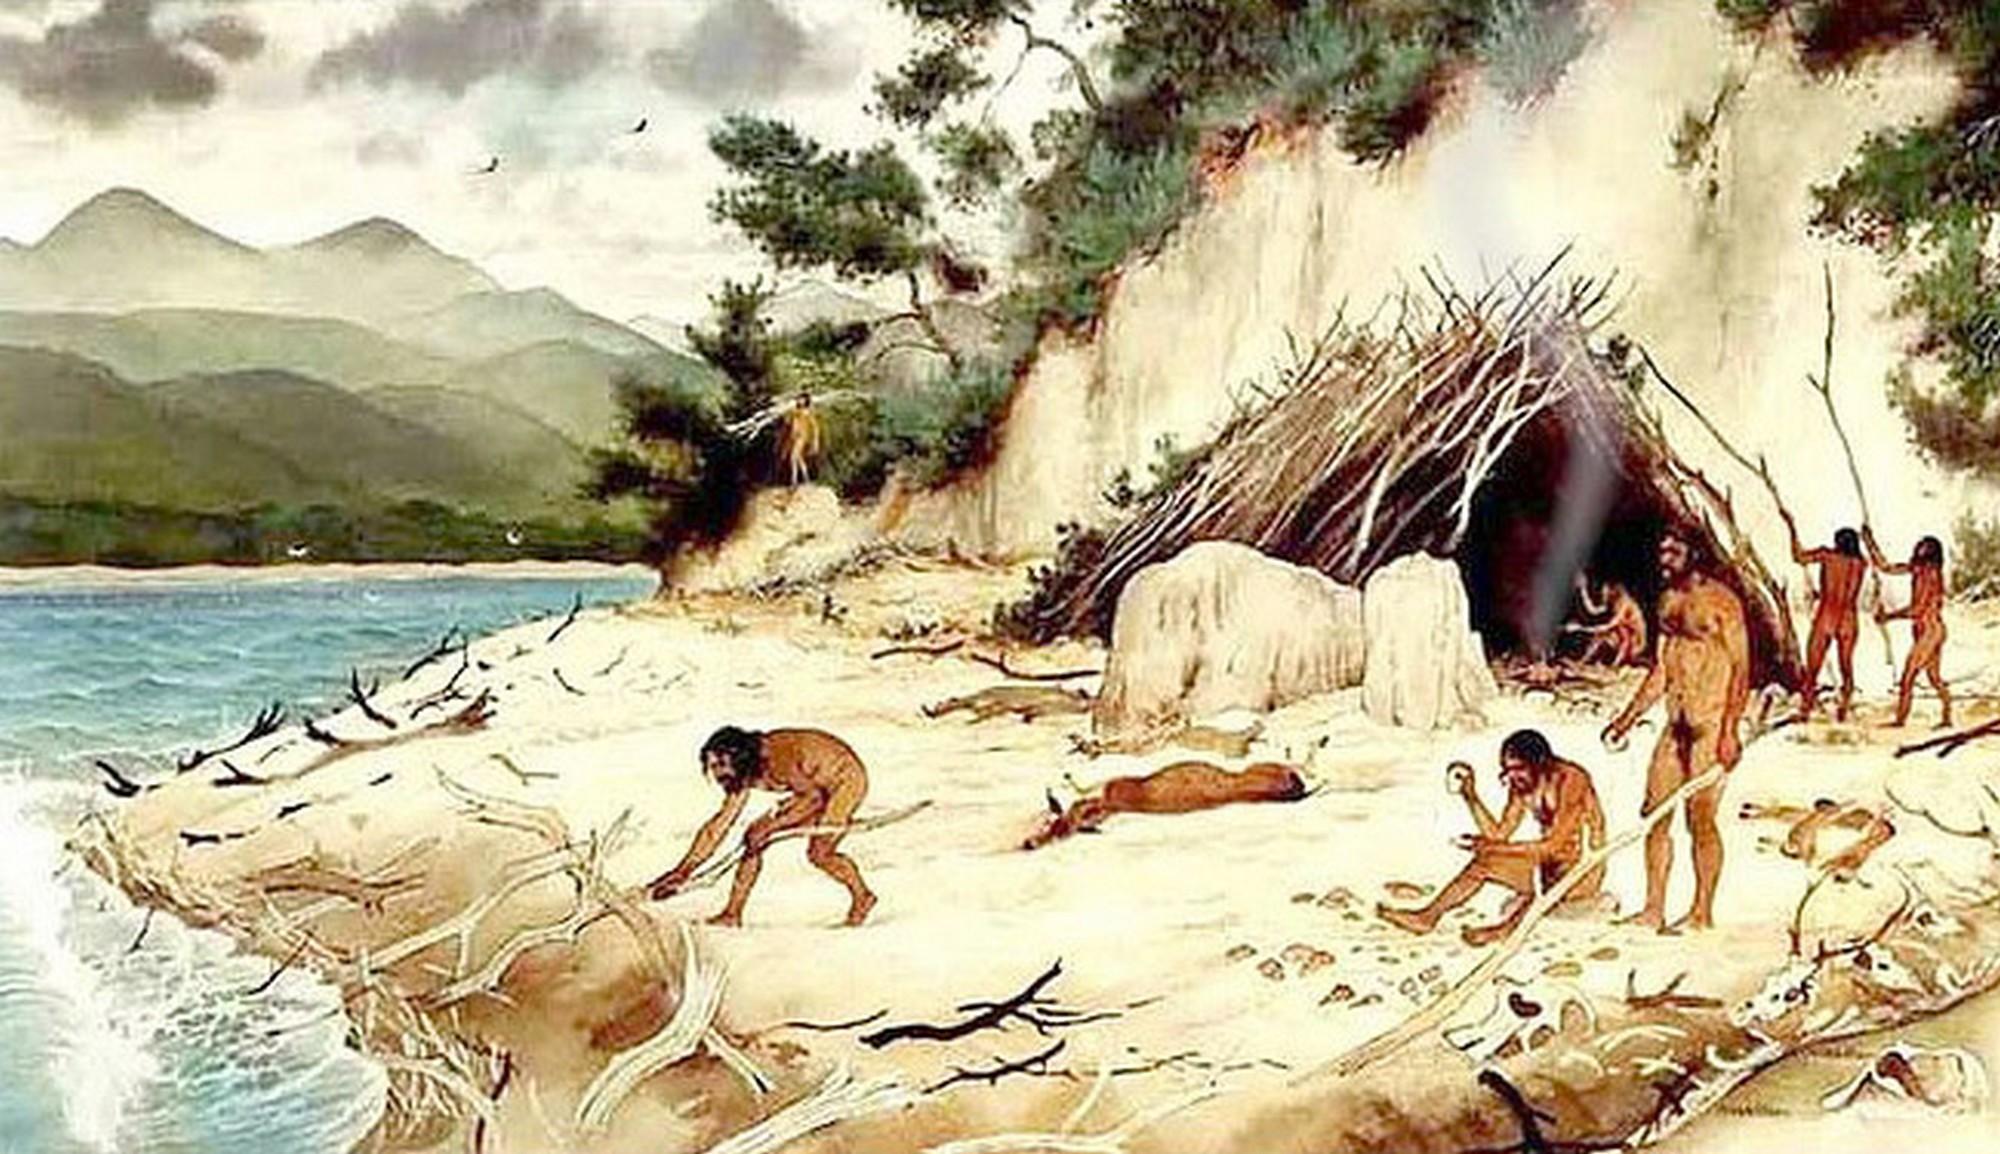 картинки древнейшей истории уплотнения протекает абсолютно